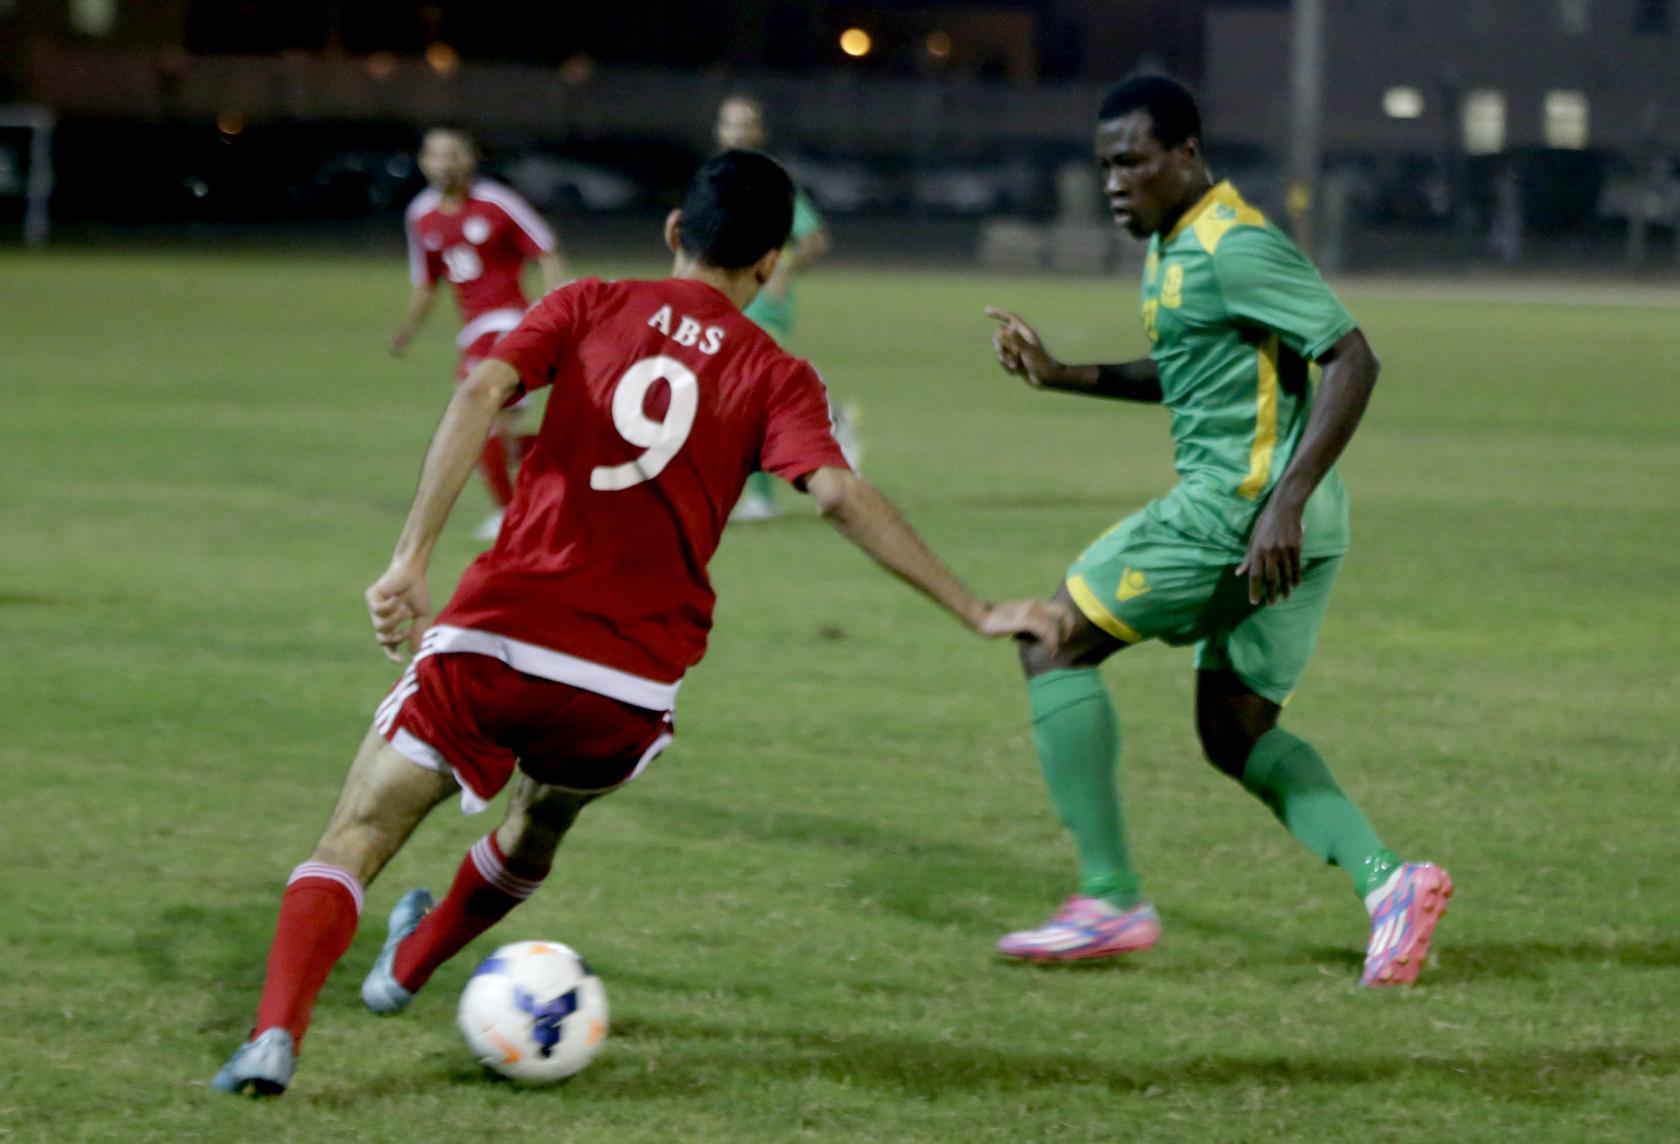 نادي عمان يعود لدوري المحترفين